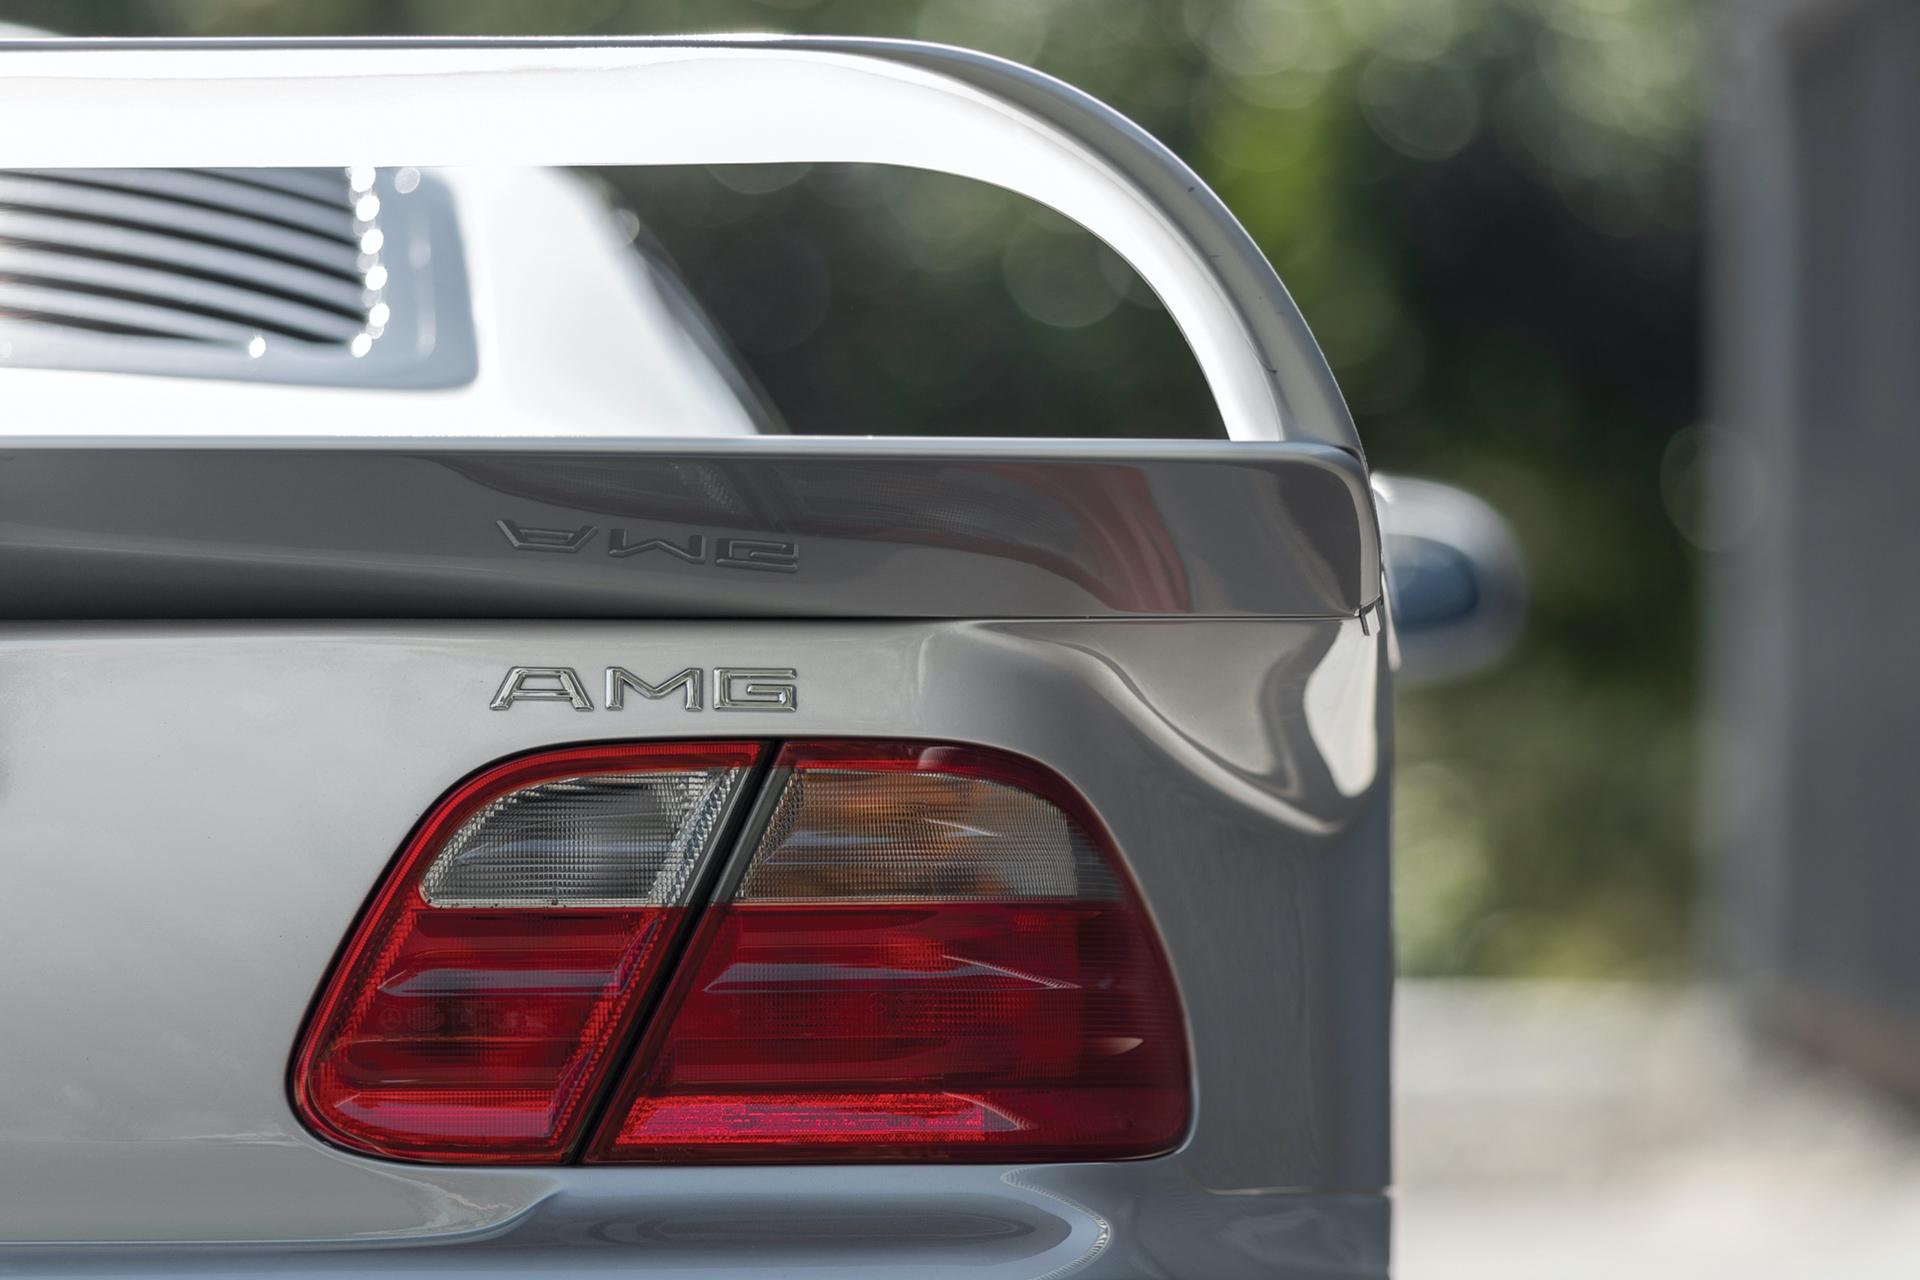 1998-Mercedes-Benz-AMG-CLK-GTR_6